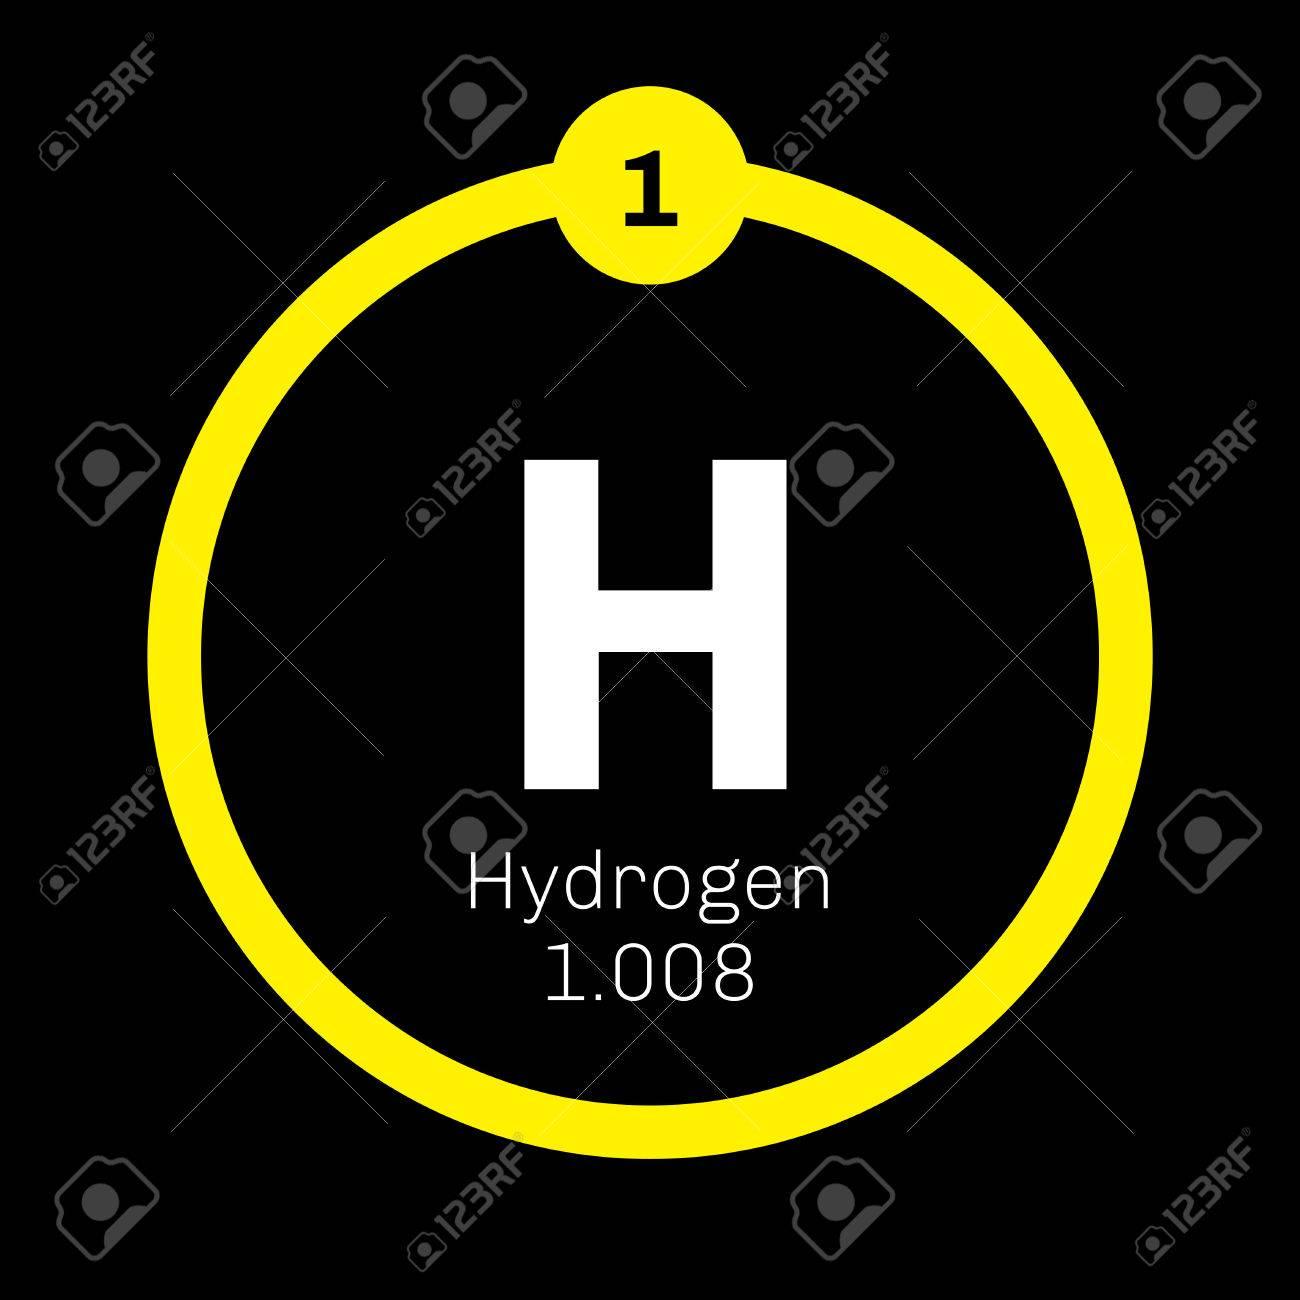 El hidrgeno elemento qumico el elemento ms ligero en la tabla el elemento ms ligero en la tabla peridica icono de urtaz Images